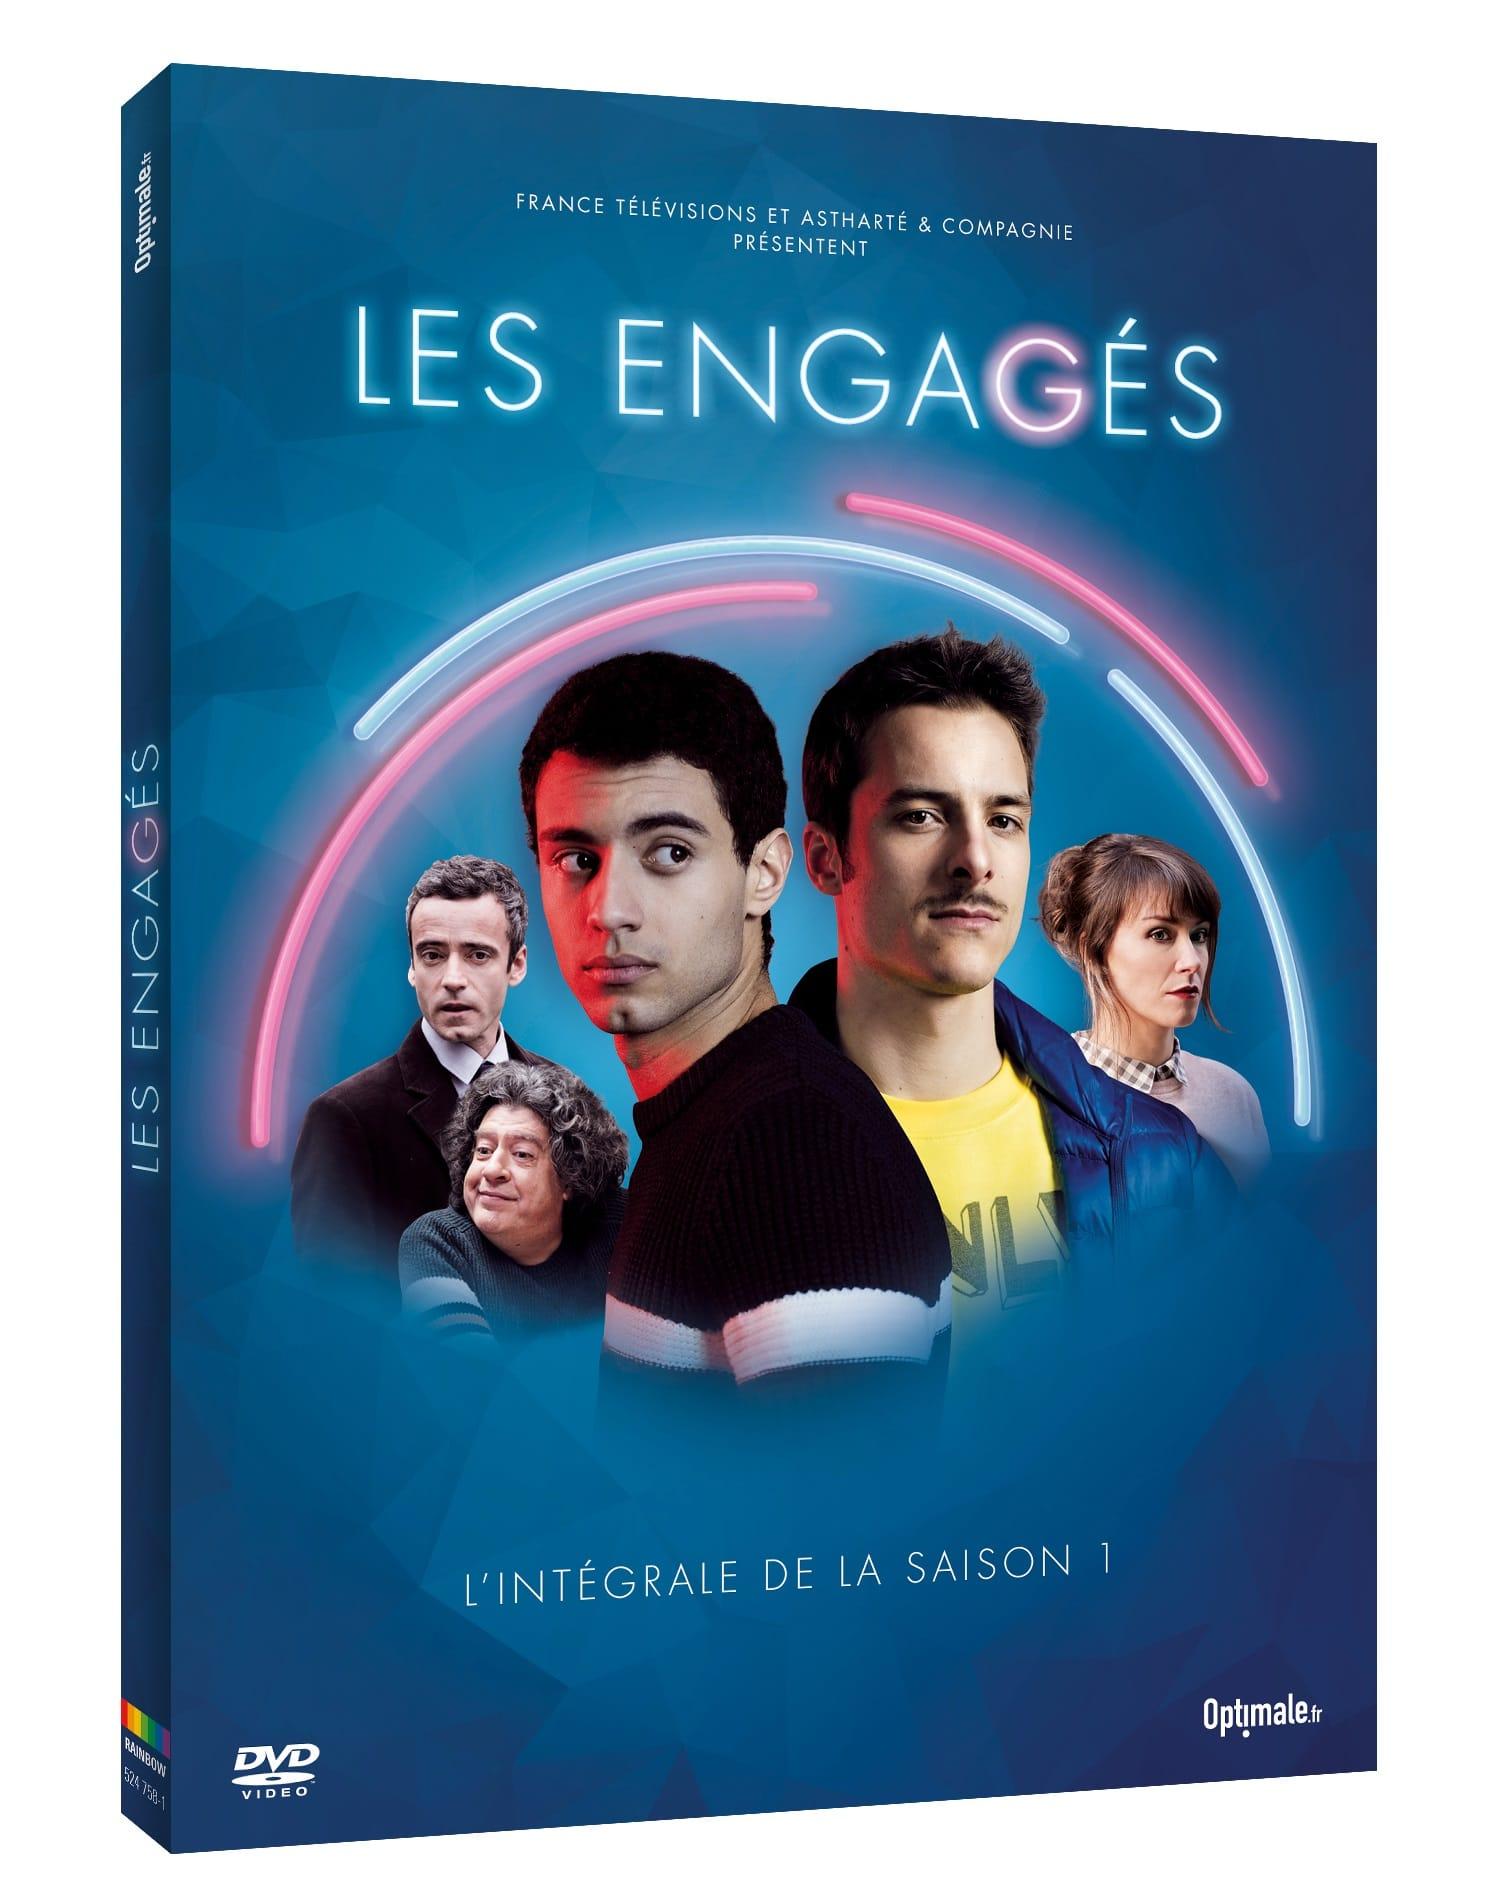 Les Engagés DVD